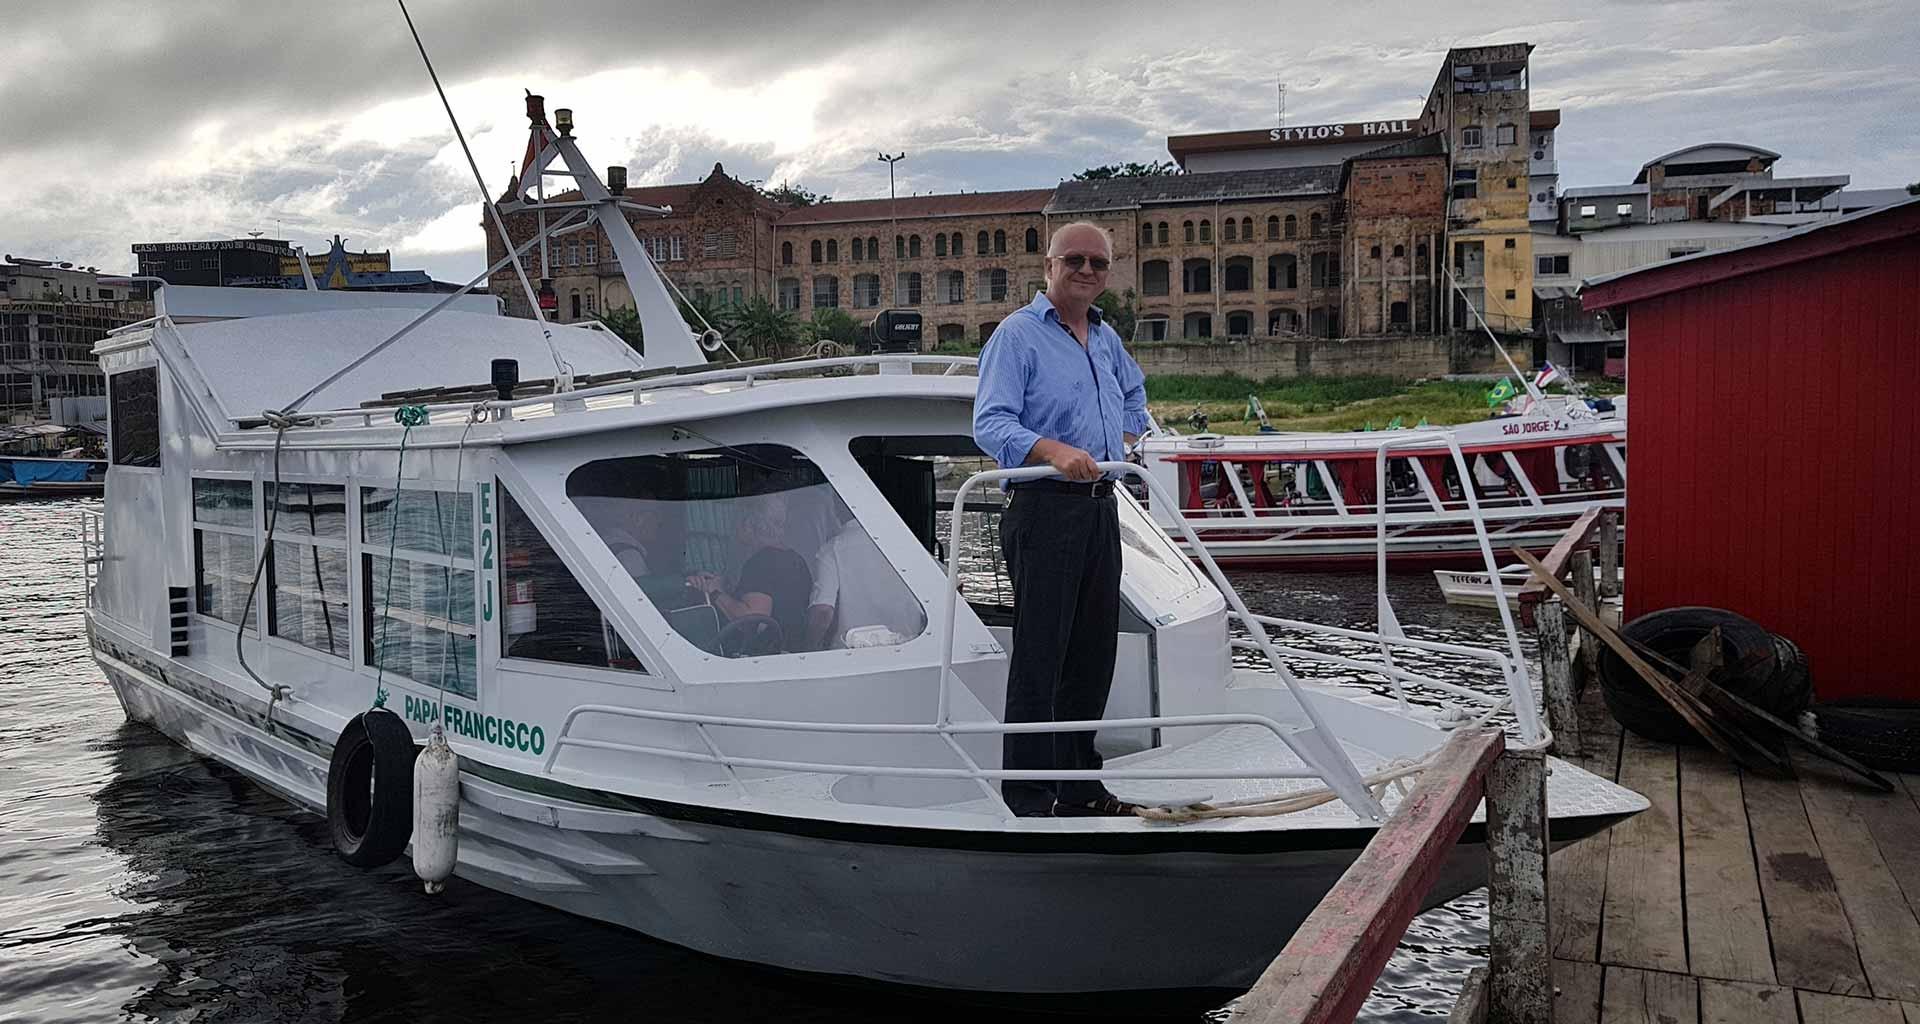 Pe. Pedro no barco Papa Francisco, doado pela ACN, em frente ao Seminário de Tefé, também apoiado pela Obra em resposta ao apelo do Papa.